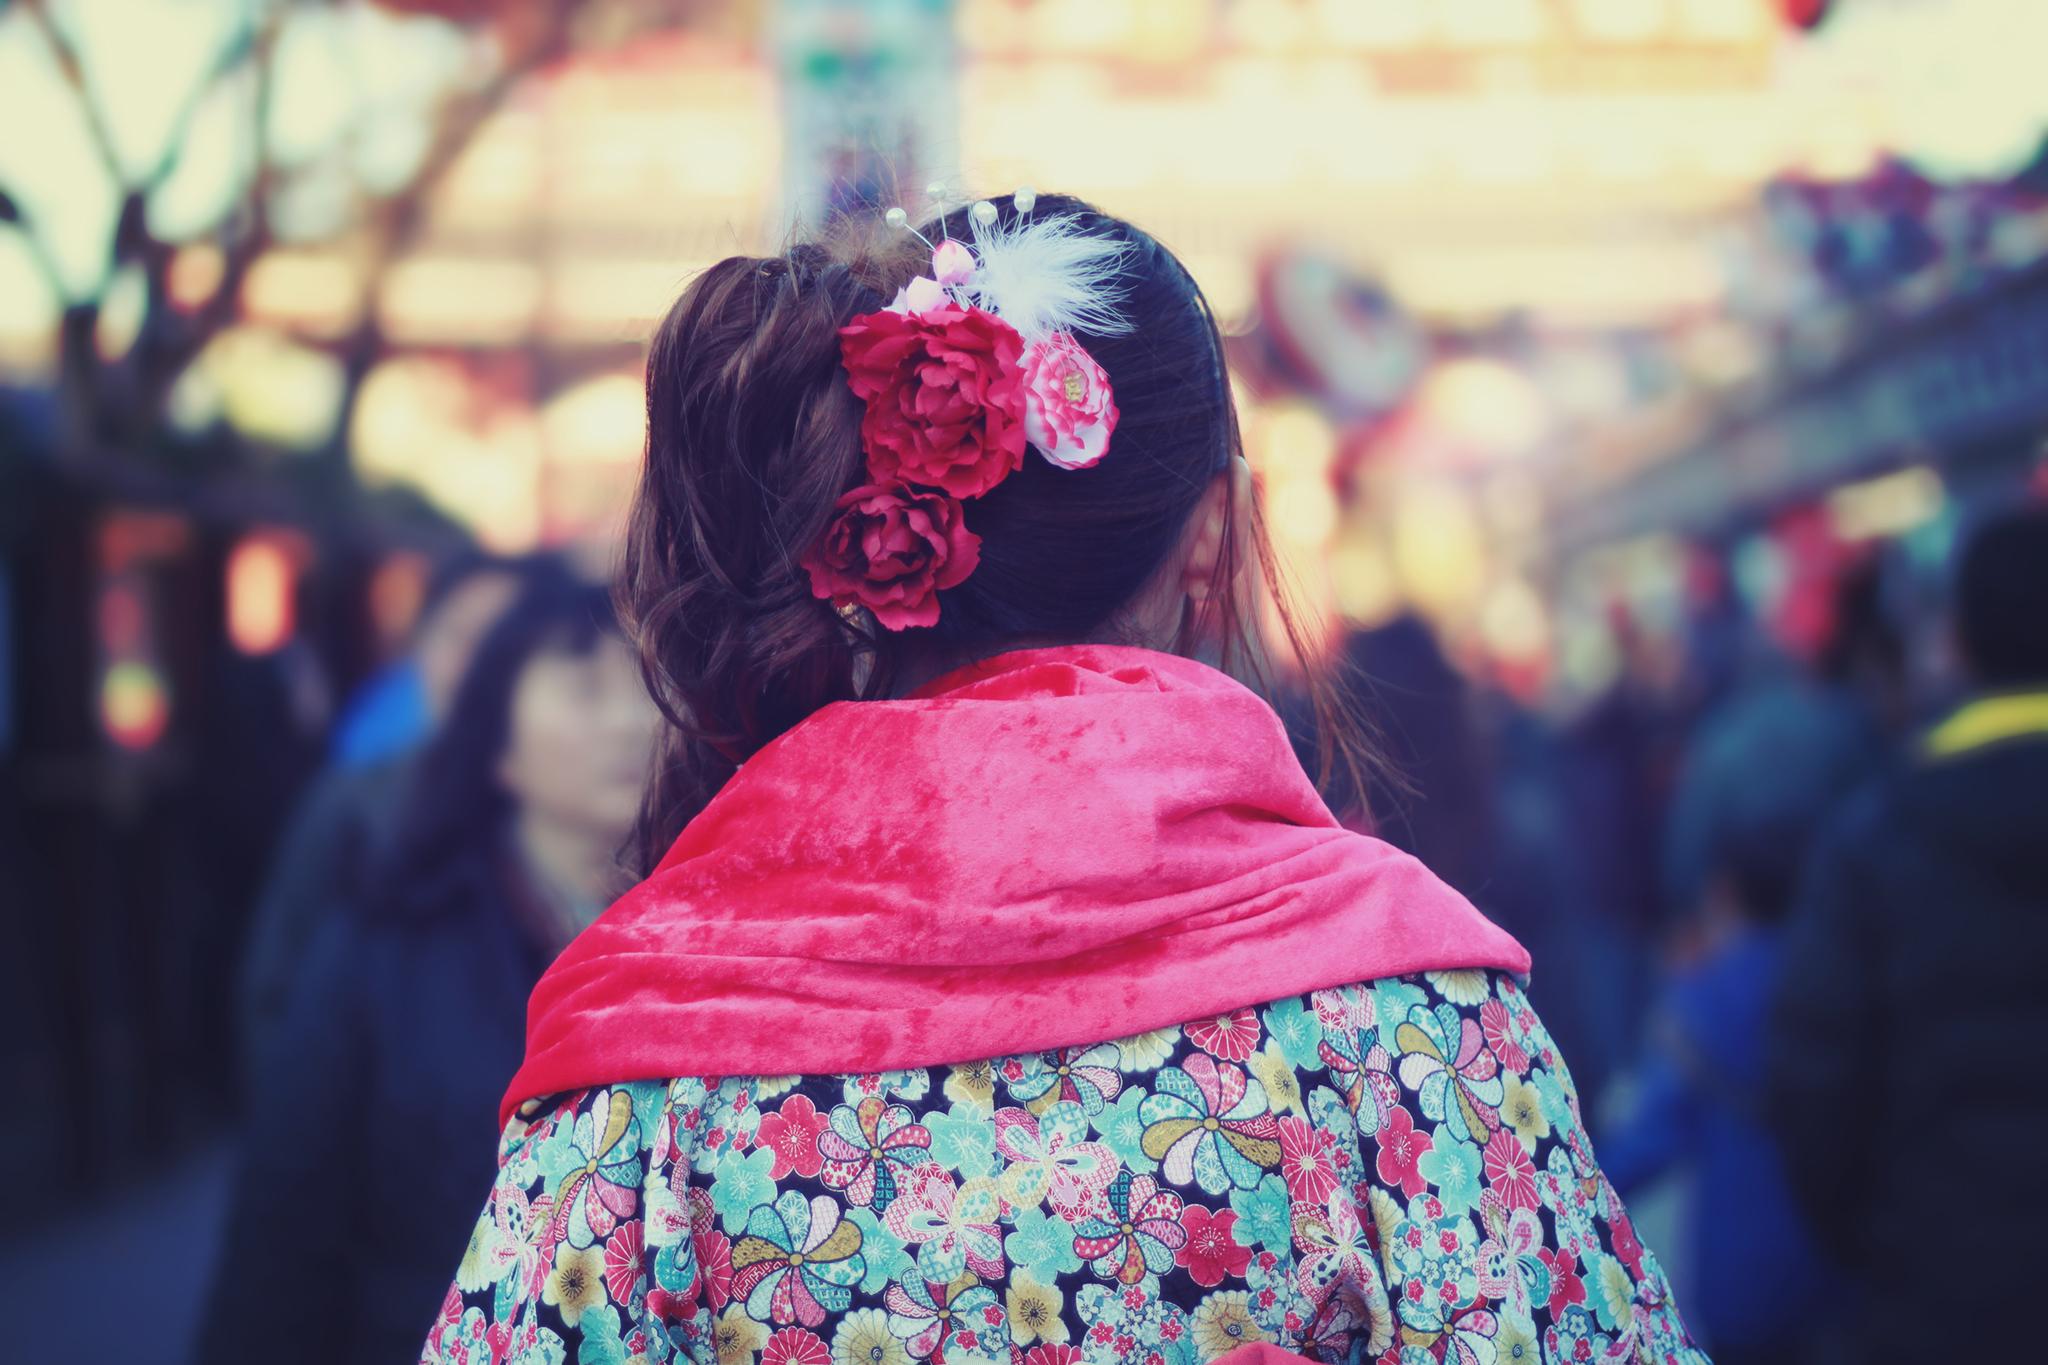 ★12/31(土)【200名規模】大阪心斎橋カウントダウンパーティー2016→2017♪みんなで一緒に新年をお祝いしよう!初参加、お一人参加大歓迎♪